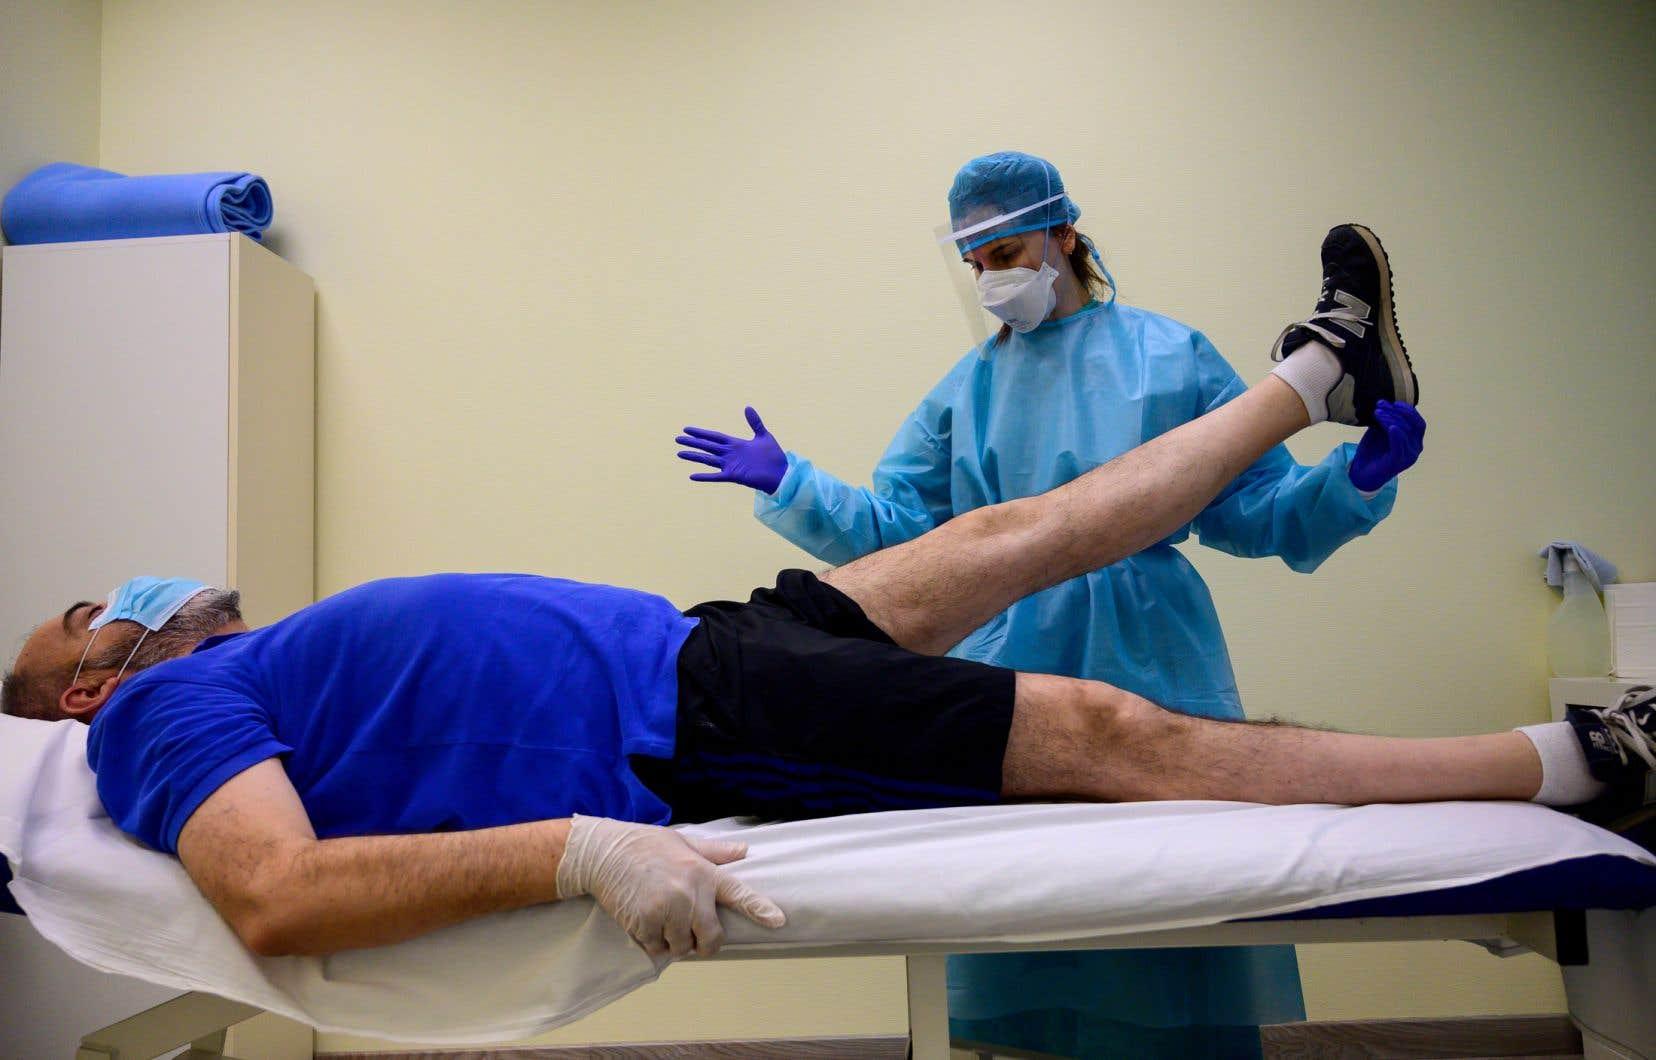 Depuis lundi, divers professionnels de la santé, comme les physiothérapeutes, les chiropraticiens et les ostéopathes, peuvent traiter tous les patients en personne, et pas uniquement les cas considérés comme urgents.